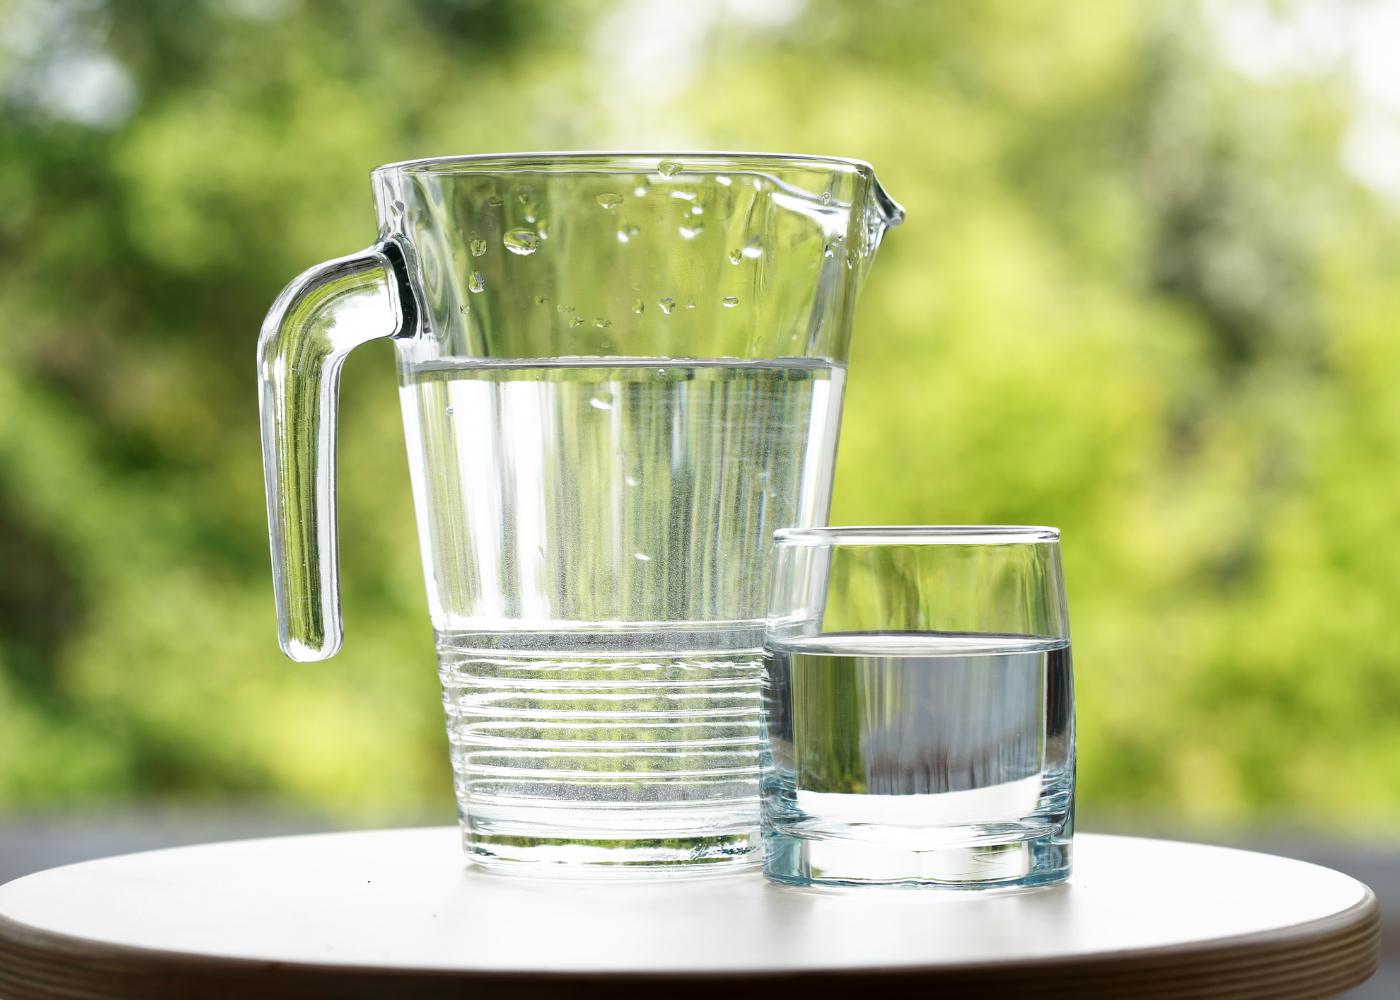 jarro de água com copo de água